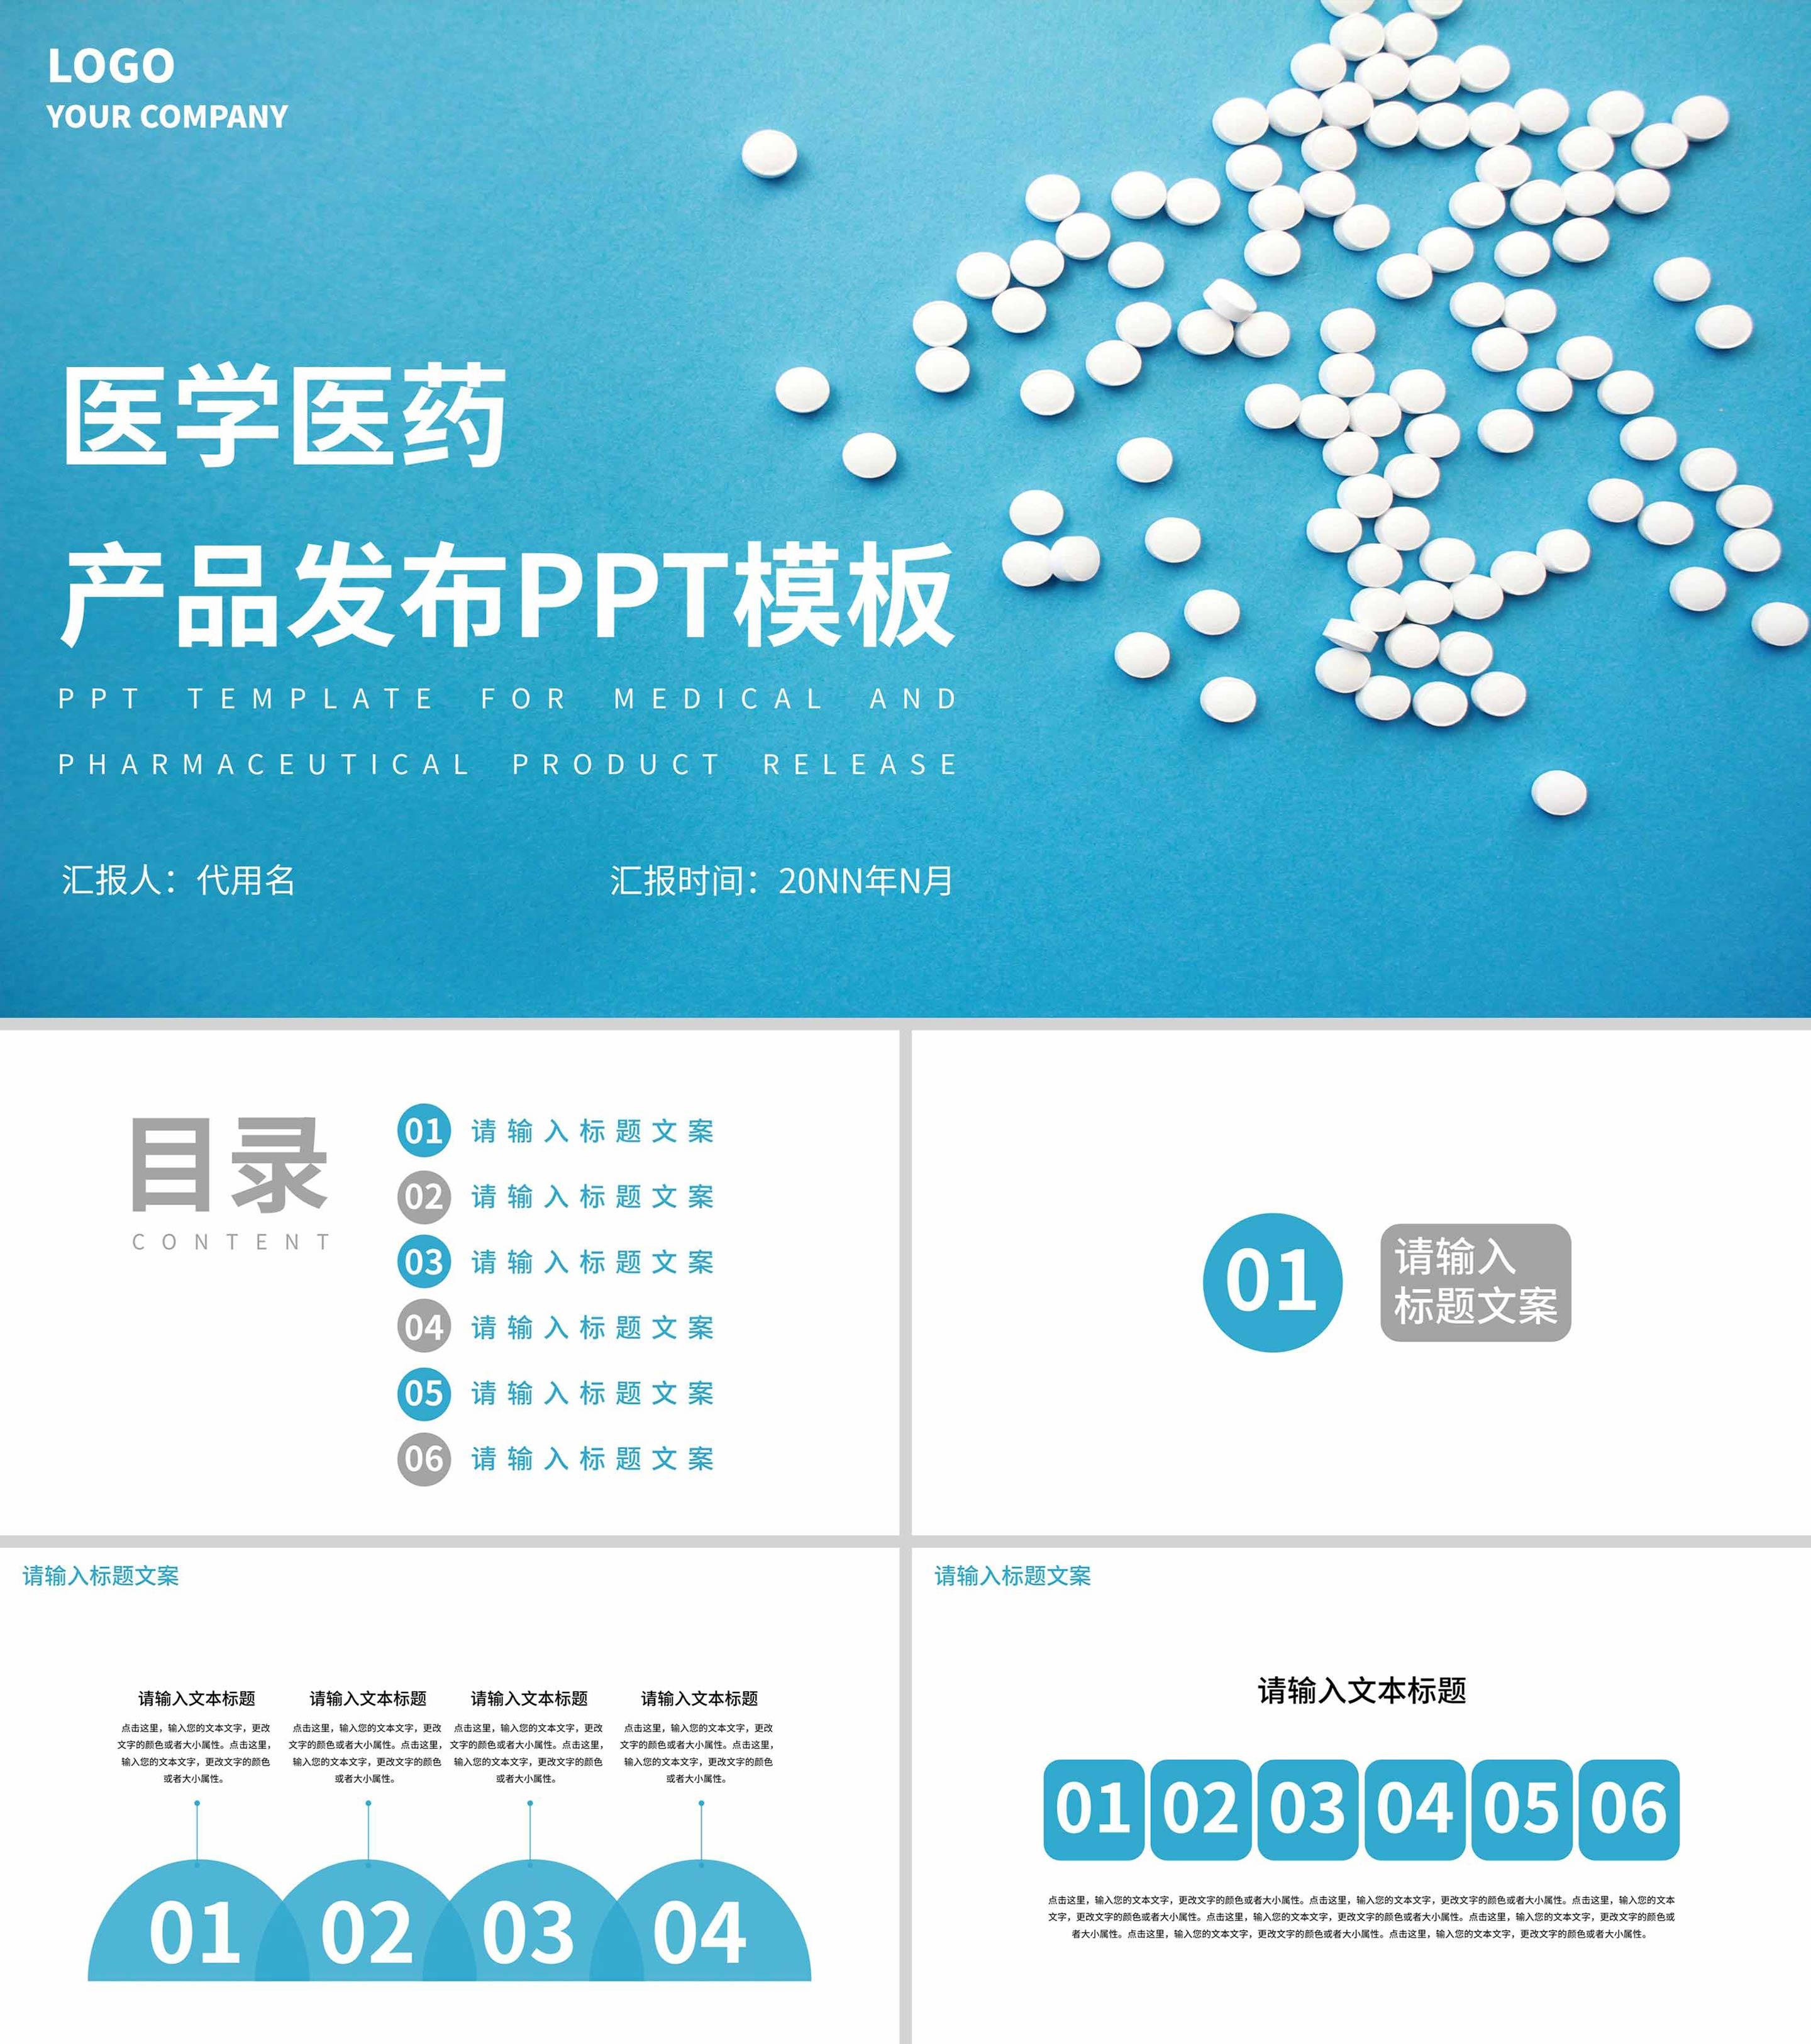 蓝色简约风医学医药产品发布PPT模板